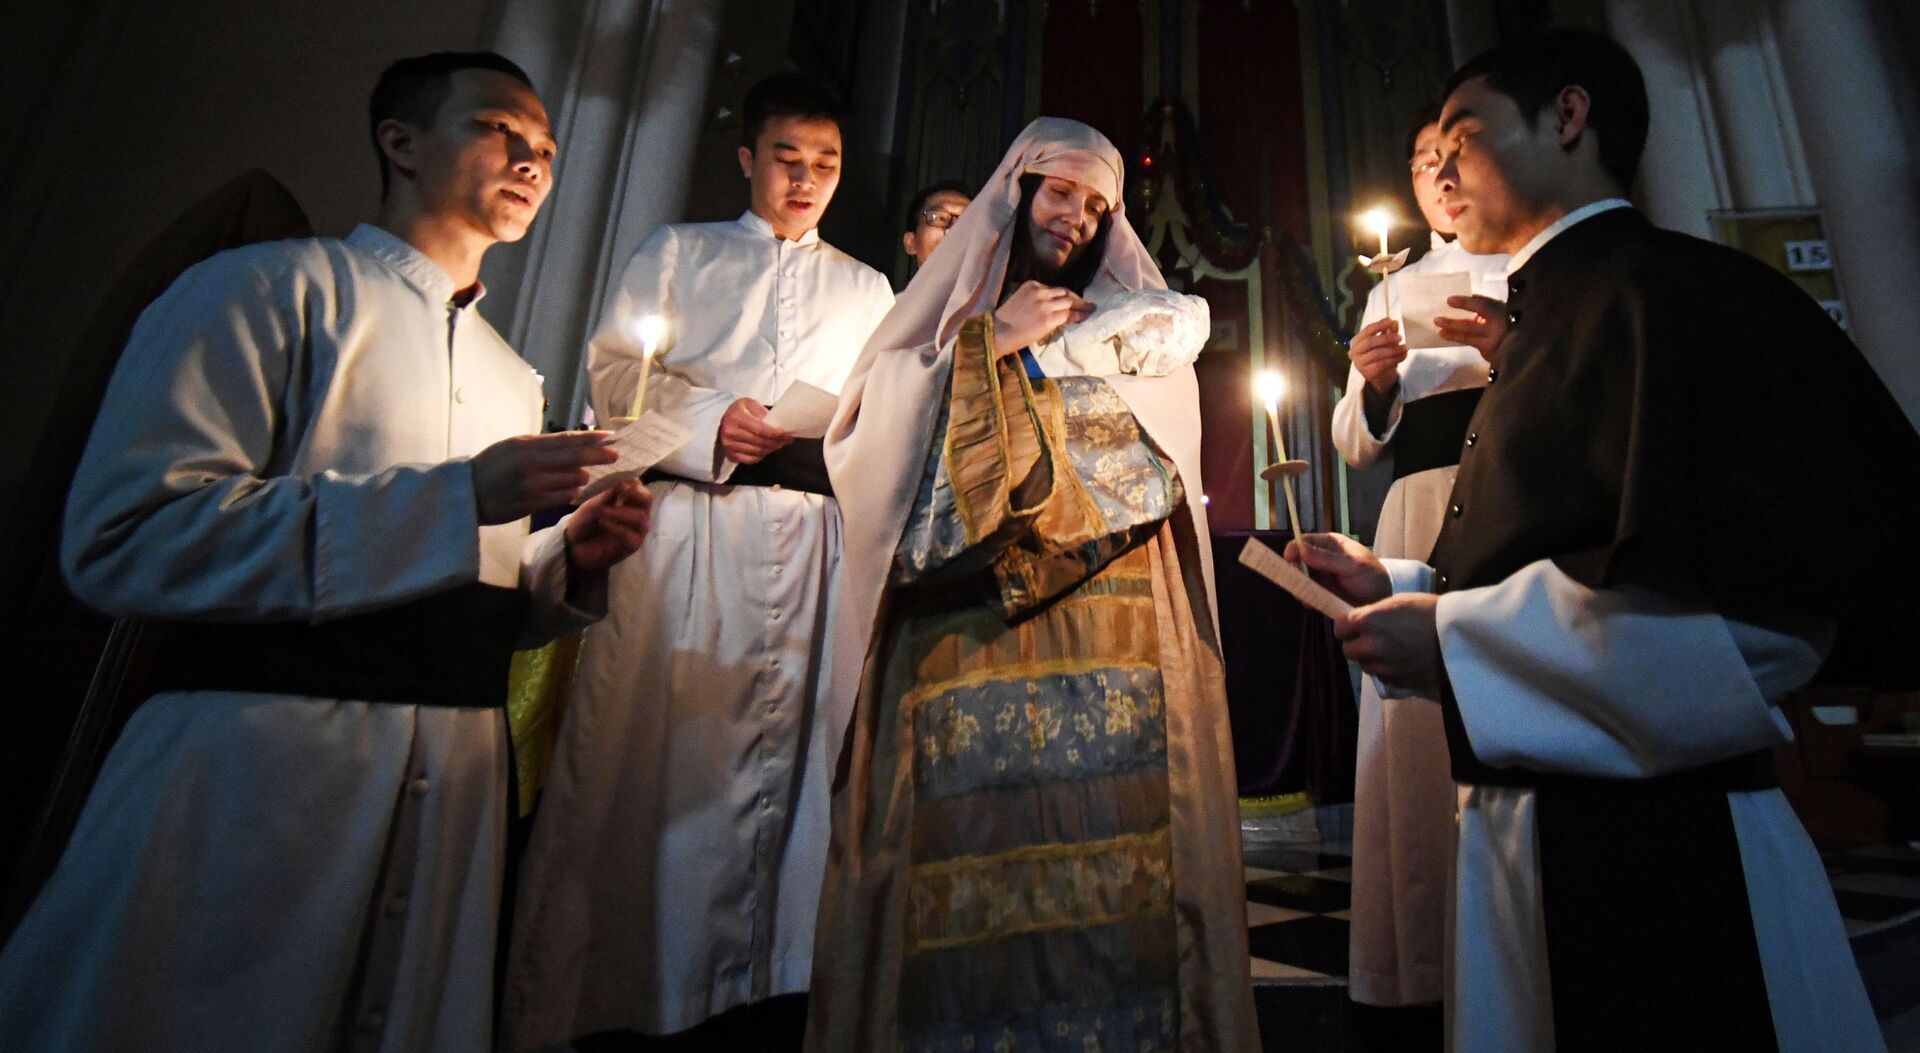 Священнослужители во время службы на праздновании Рождества Христова в католической церкви пресвятой Богородицы во Владивостоке - Sputnik Грузия, 1920, 20.09.2021